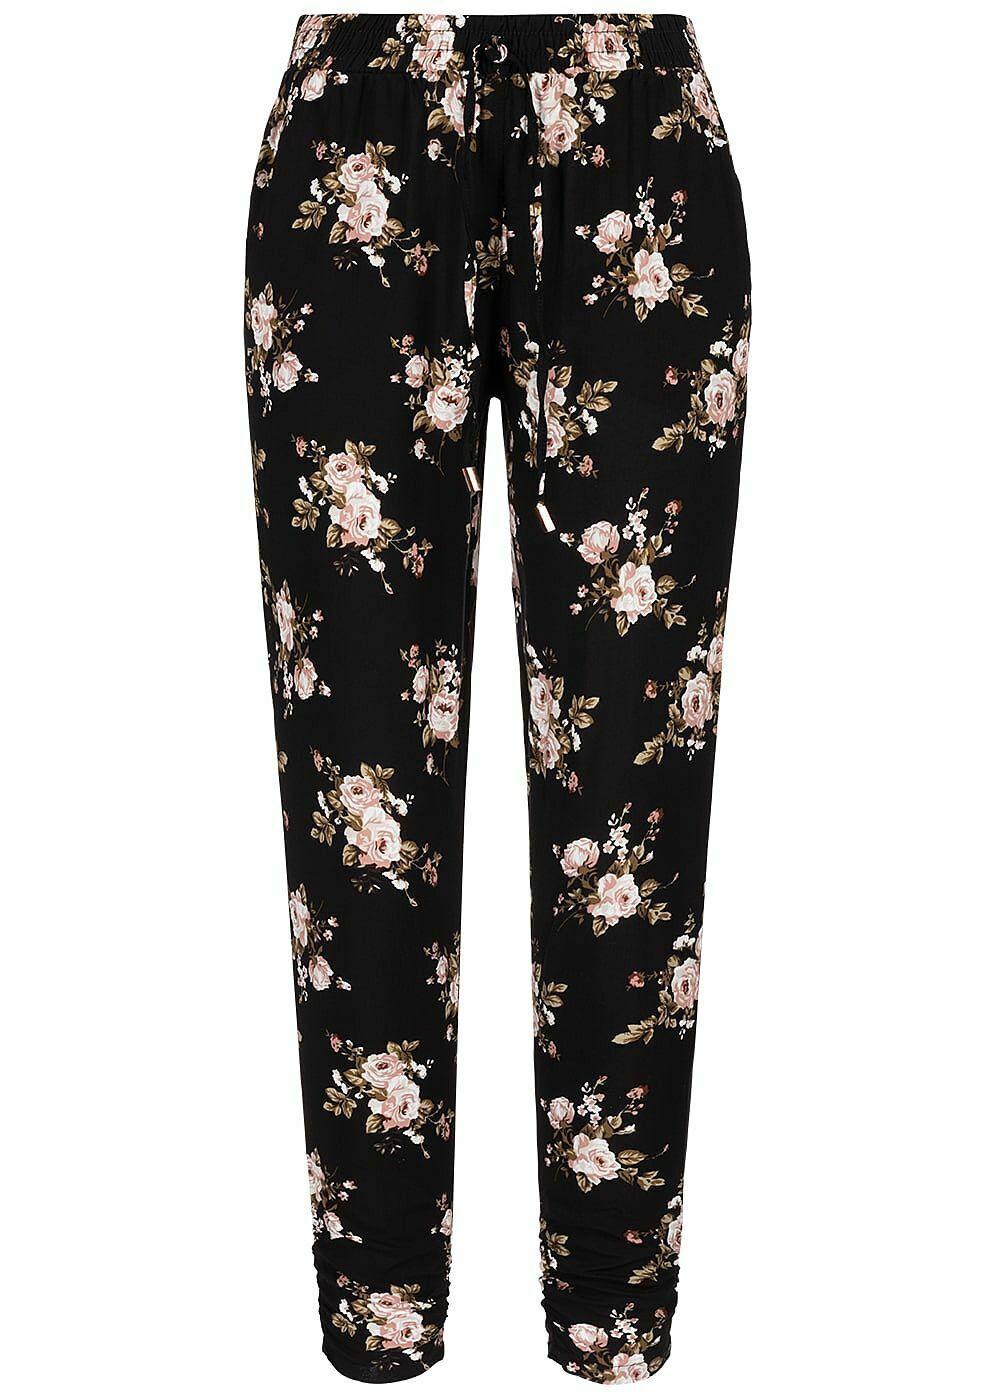 24% OFF B19049038 Damen 77 Lifestyle Hose Floraler Print 2 Taschen schwarz rosa